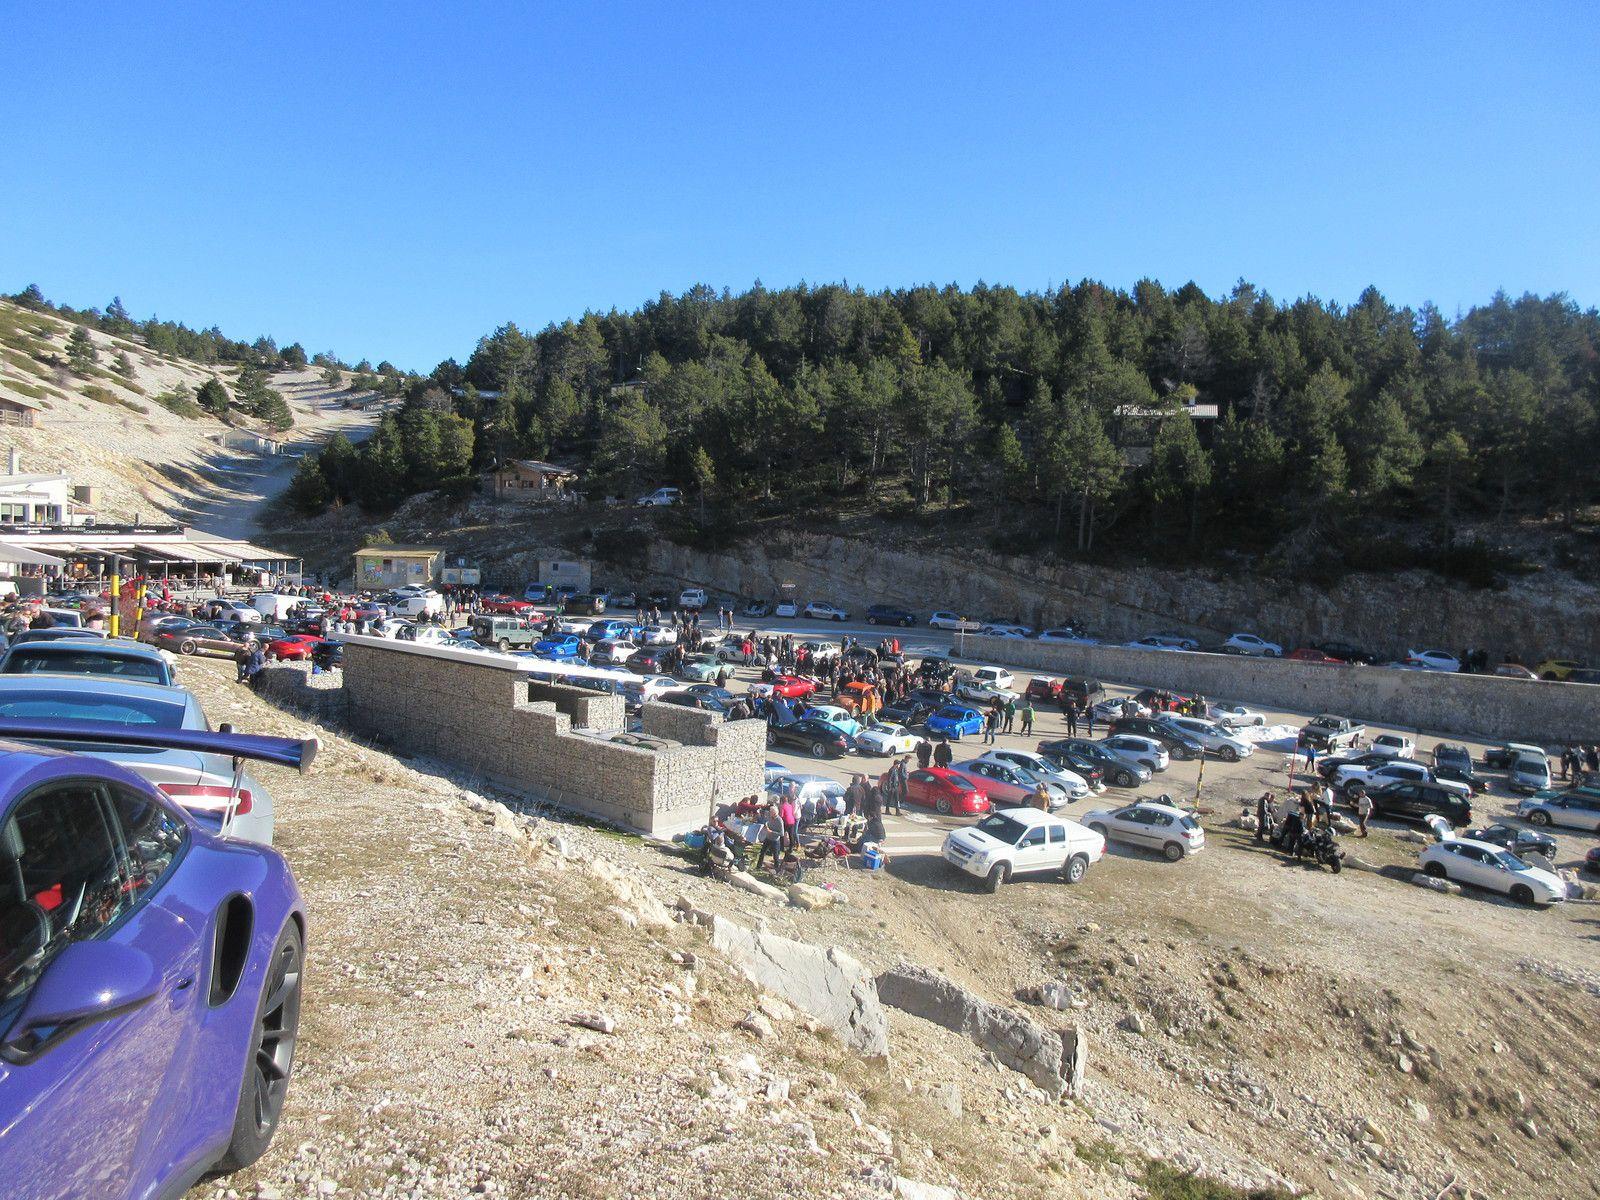 Mont Ventoux, le tour des chalets seulement, parce que les stations de sport d'hiver seront ouvertes... mais sans les remontées mécaniques.